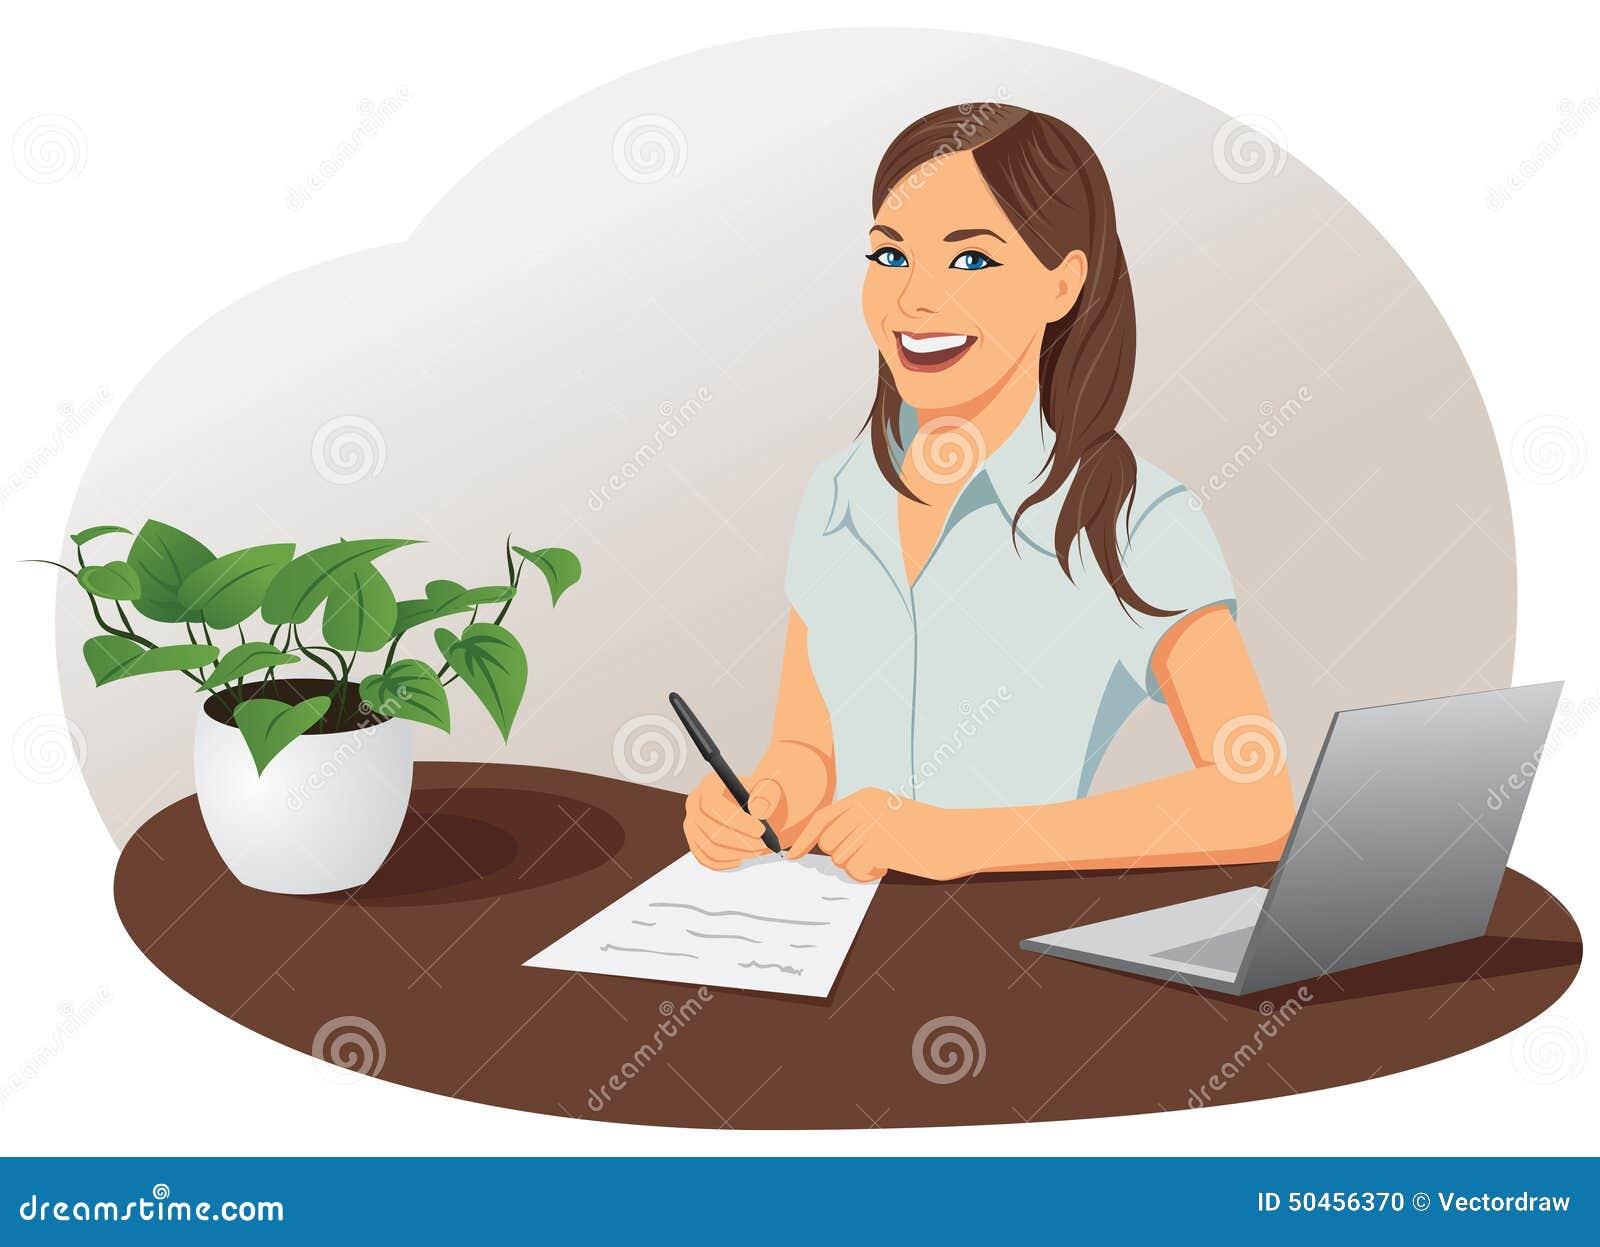 Affärskvinnan undertecknar dokumentet